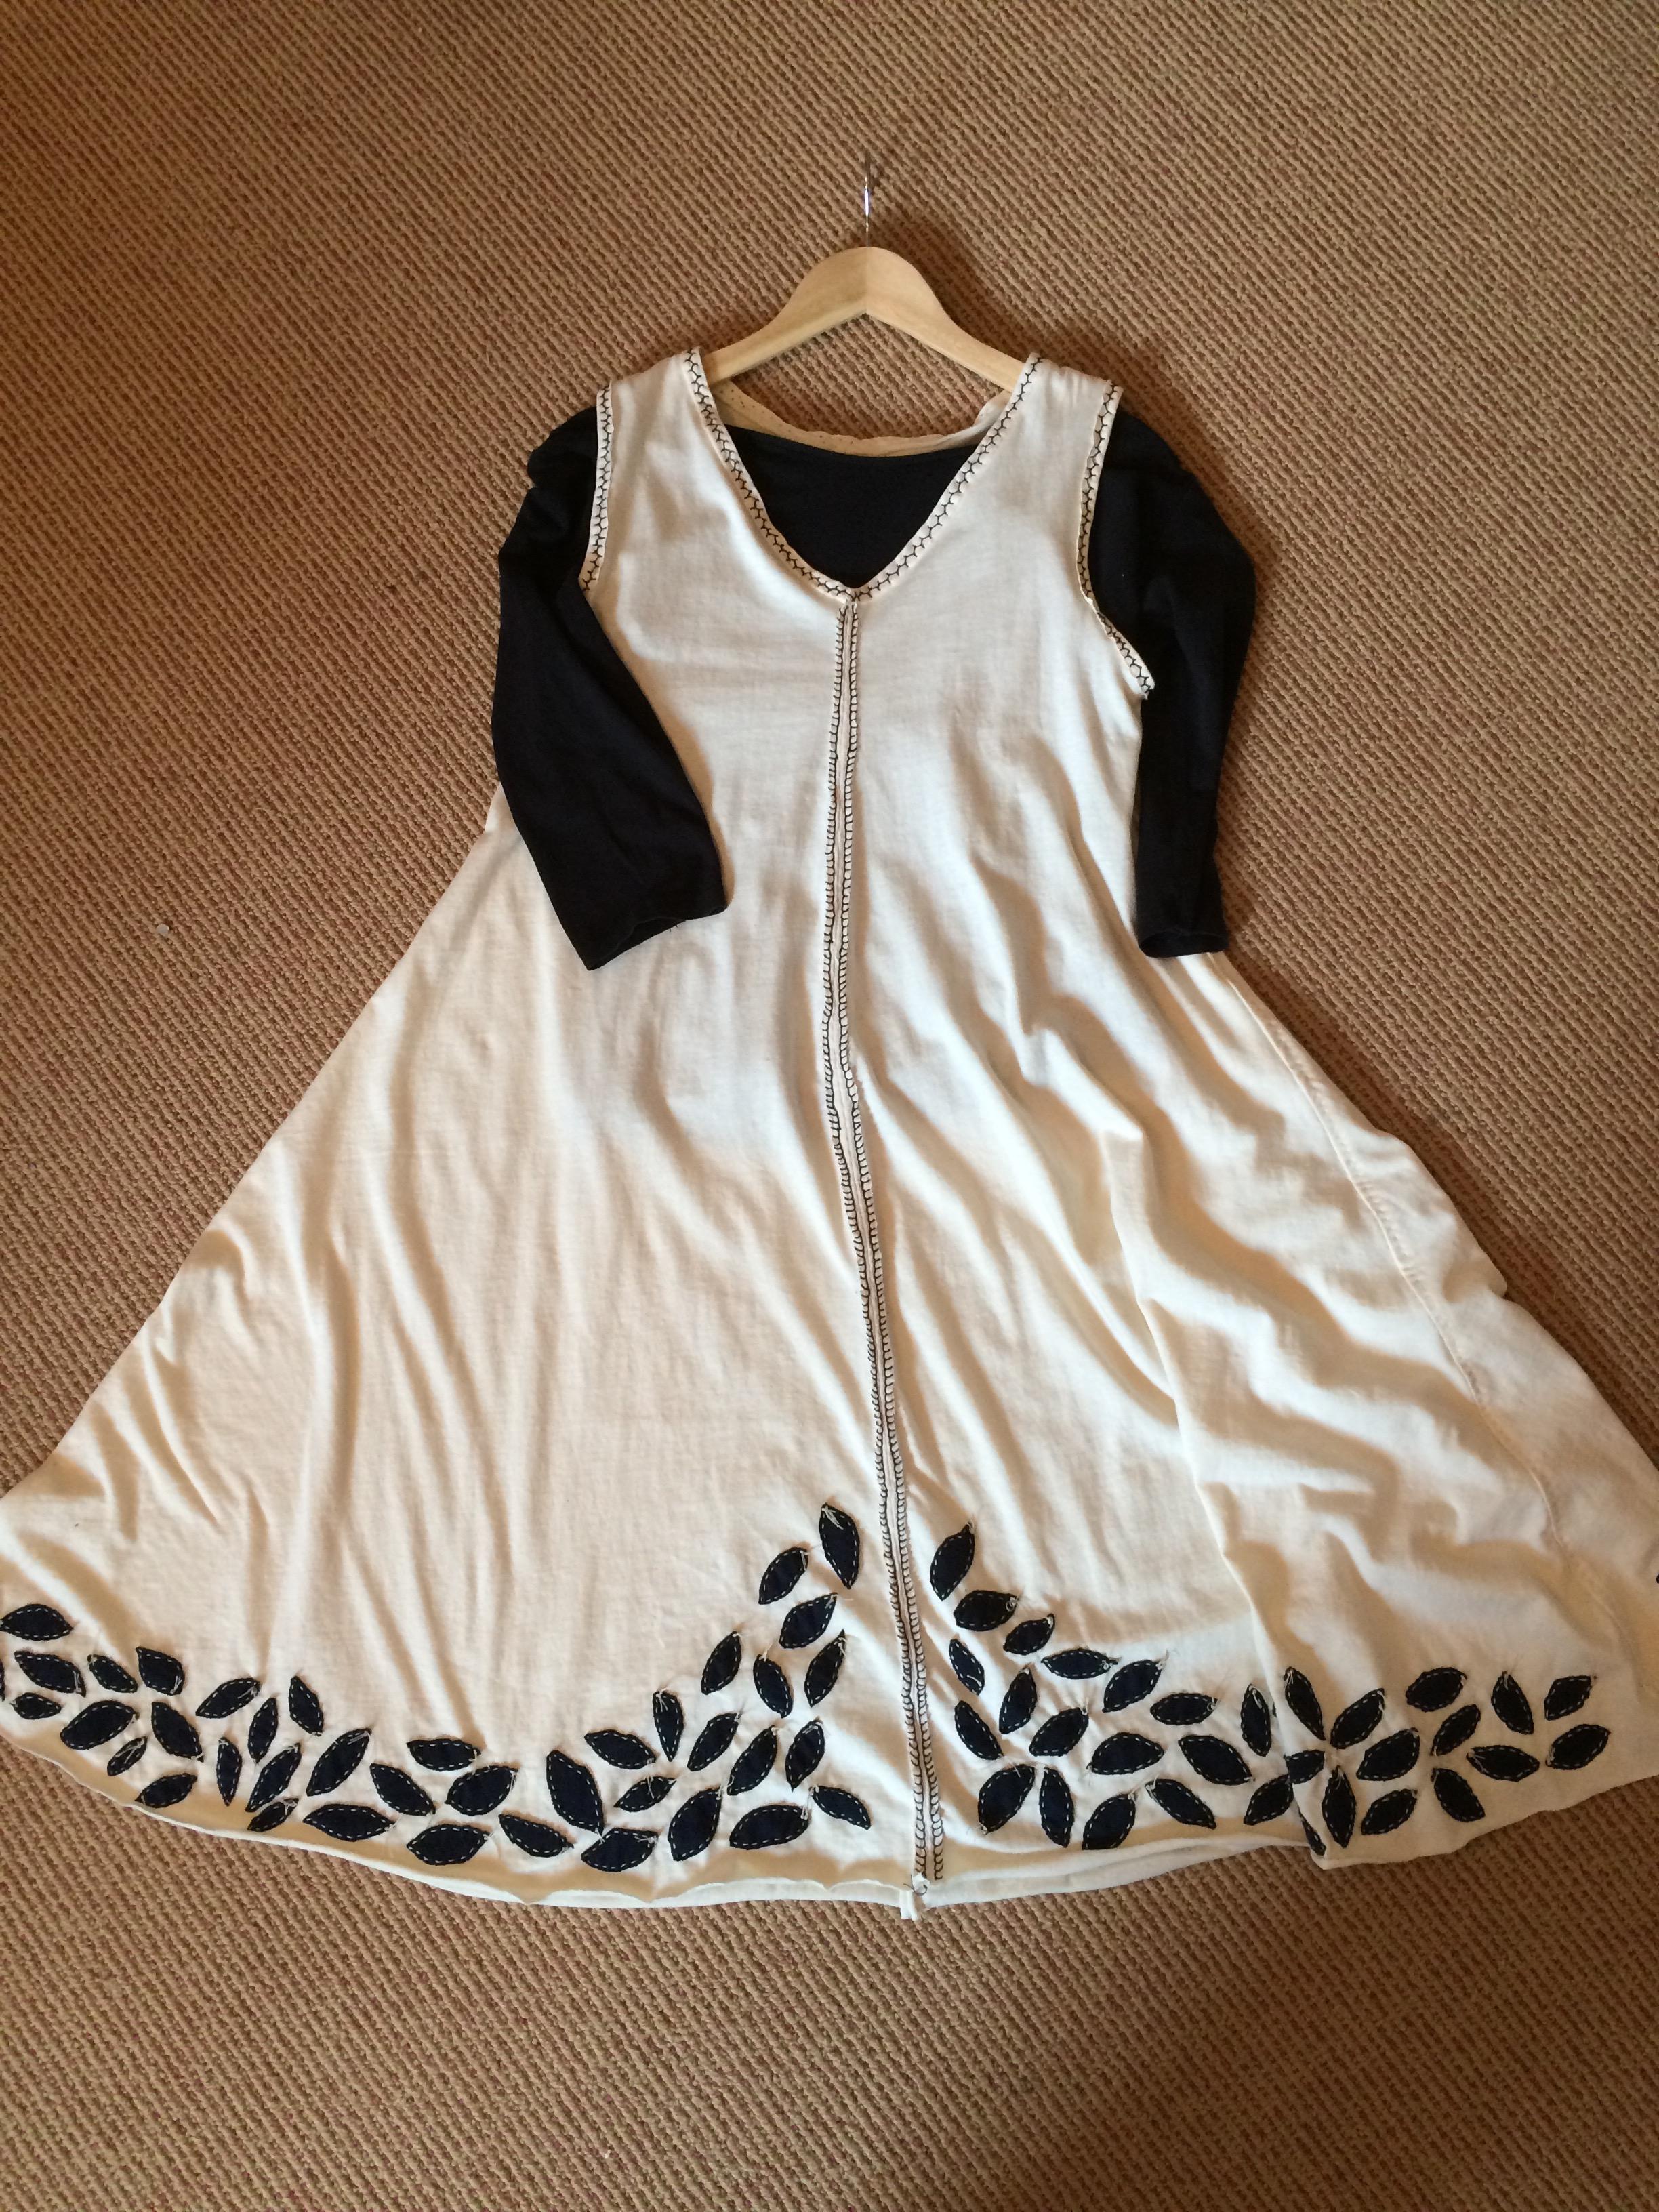 Alabama Chanin Dress.jpg